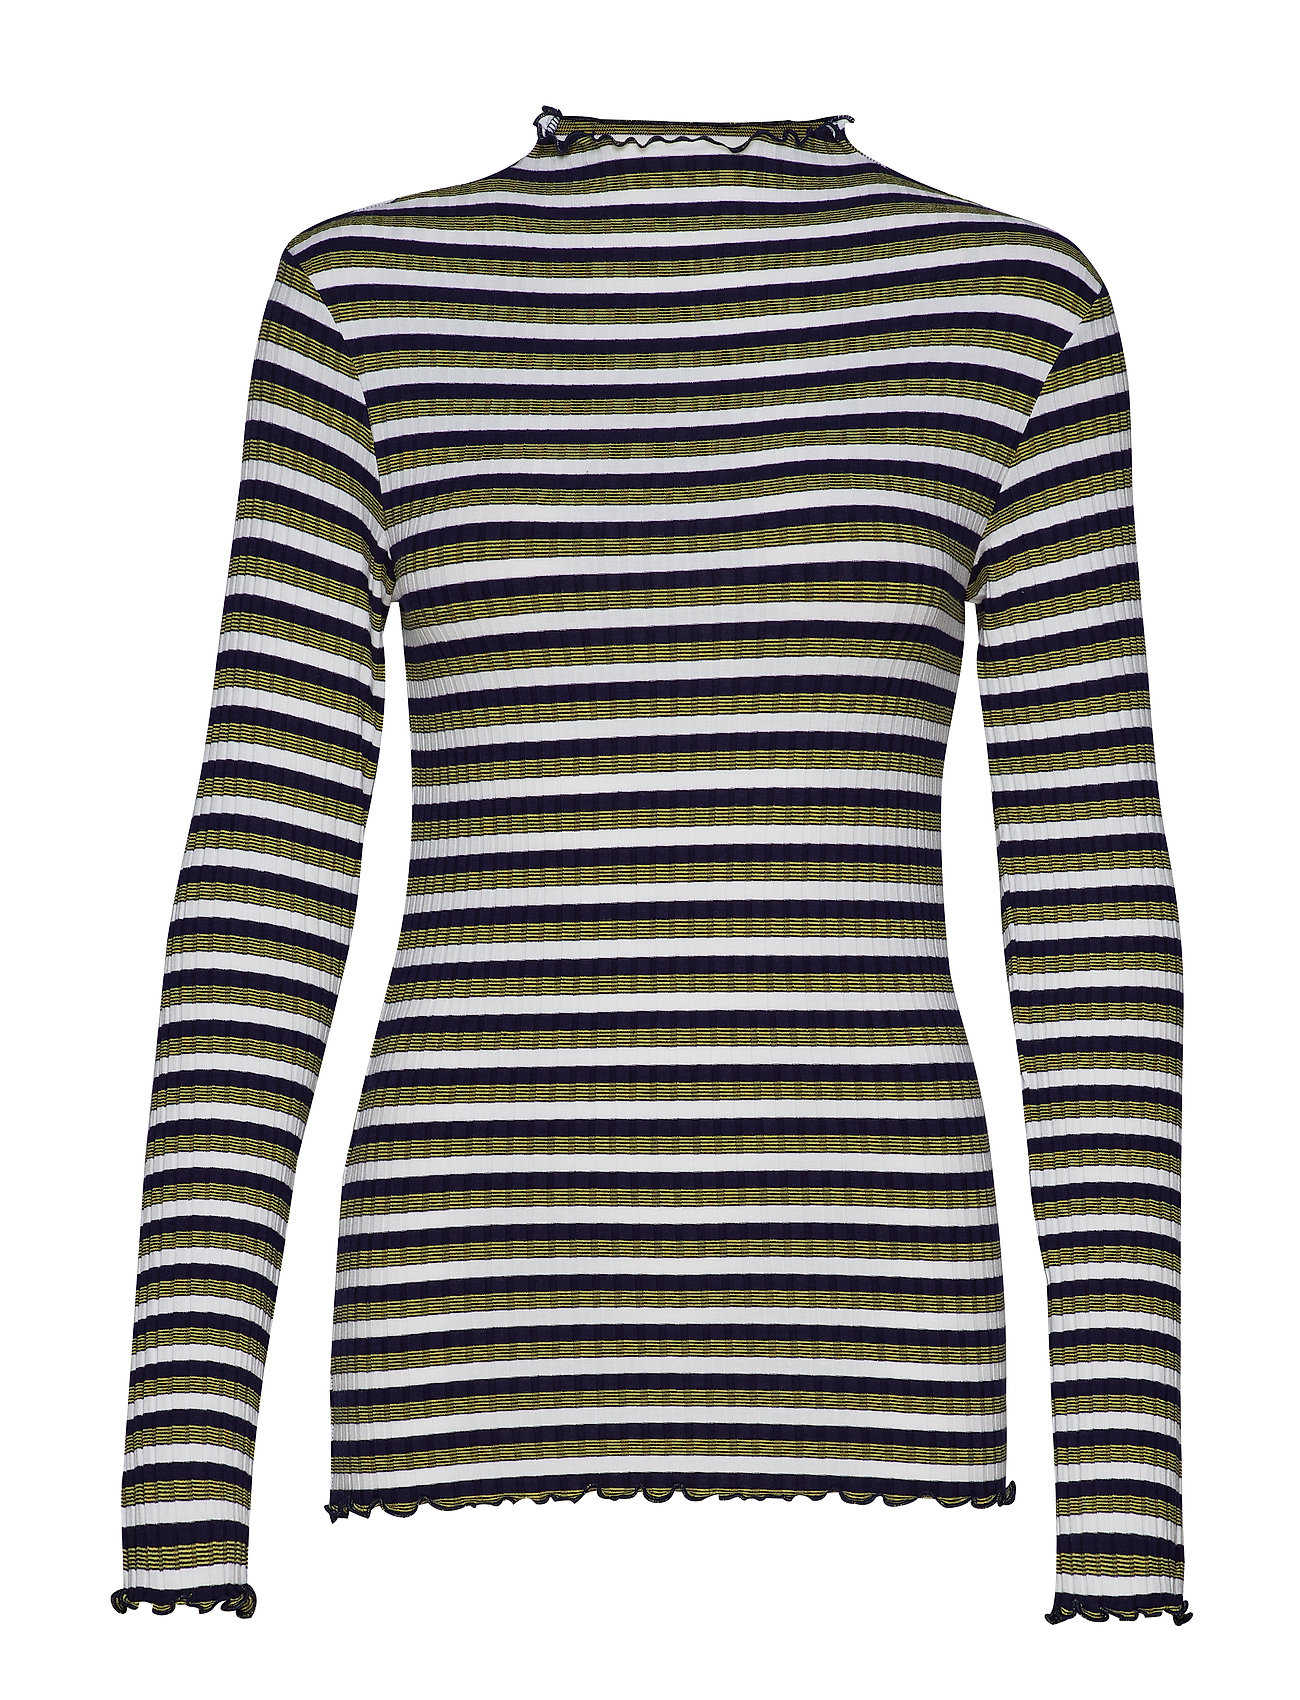 Mads Nørgaard 5x5 Happy Stripe Trutte s - NAVY MULTI